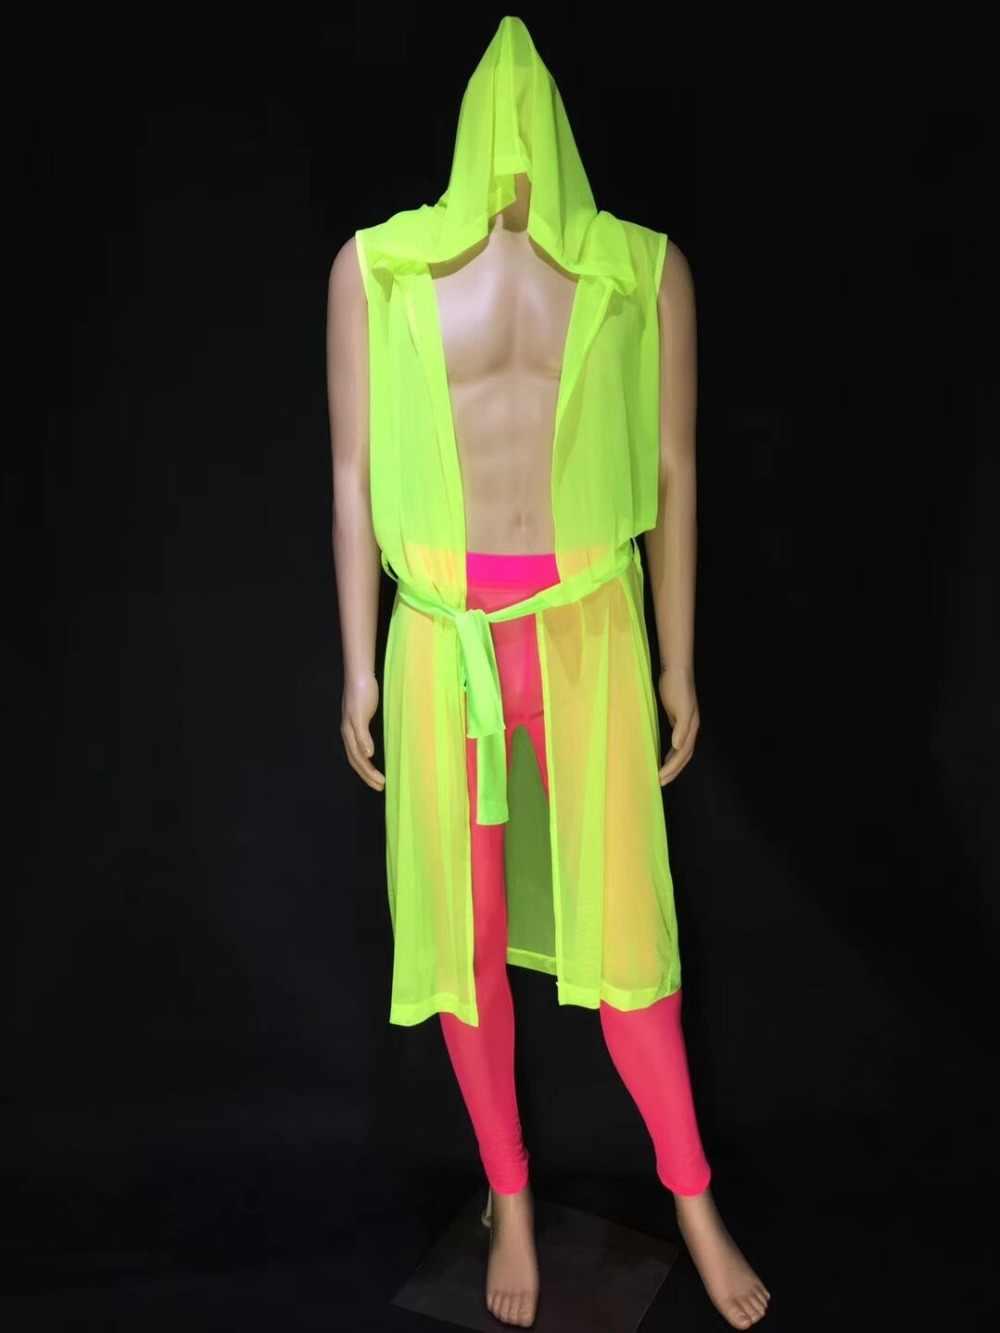 蛍光グリーンピンクマントレオタードパンツセクシーなメンズスーツナイトクラブバー潮歌手ダンサーポールダンスのステージ衣装